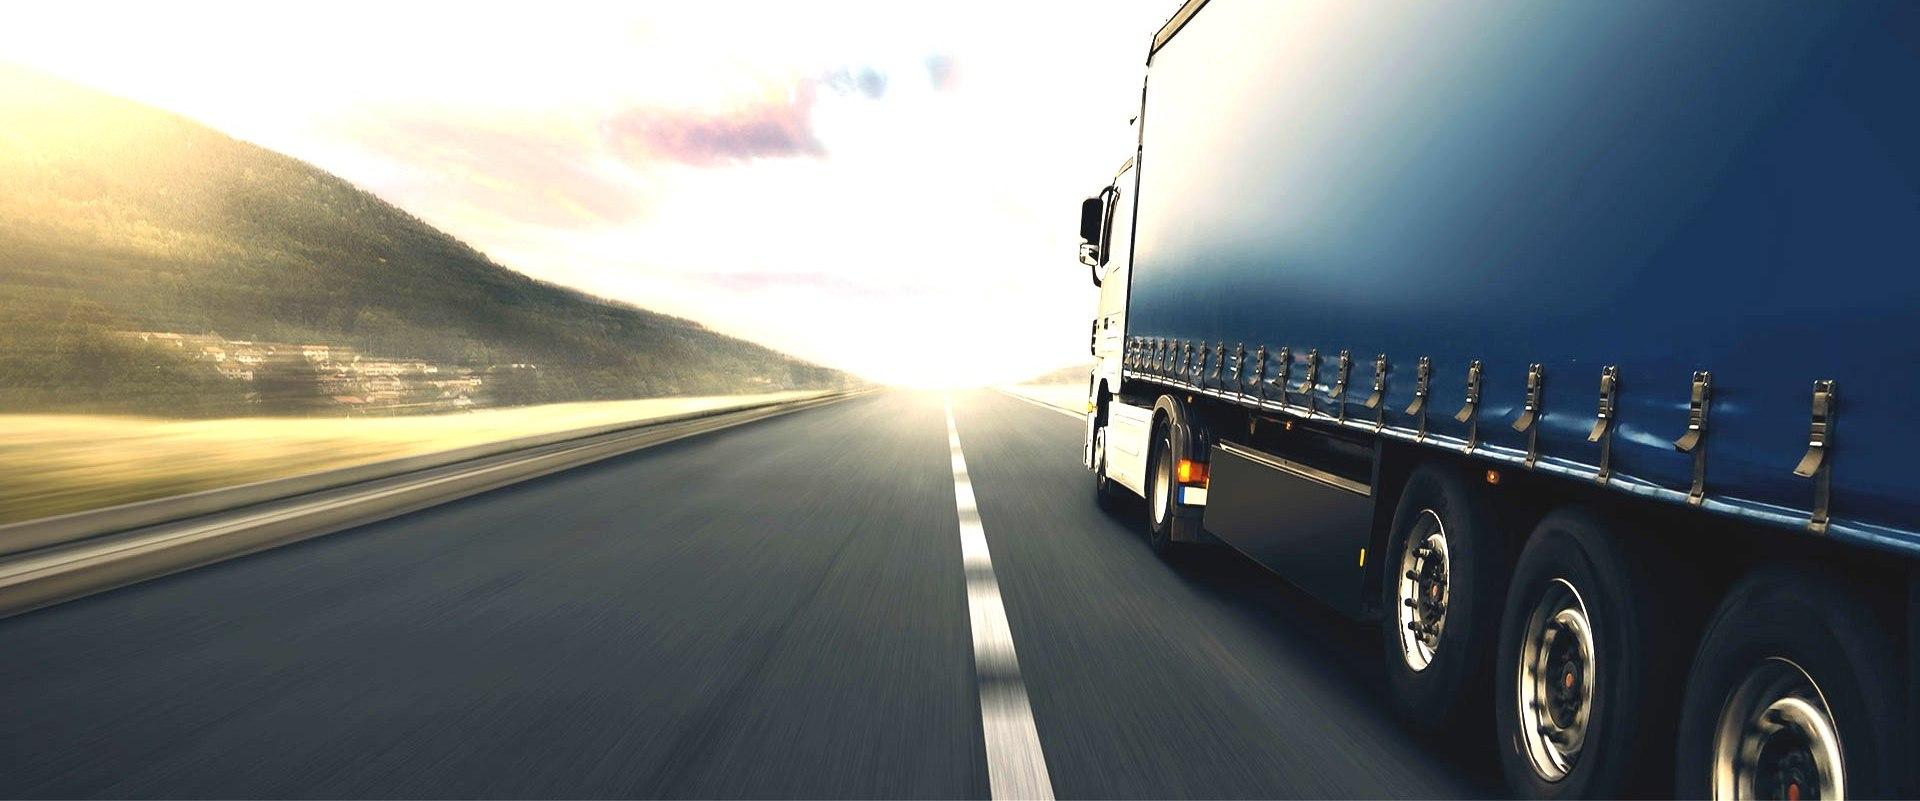 Транспортни услуги. Вътрешен и международен транспорт